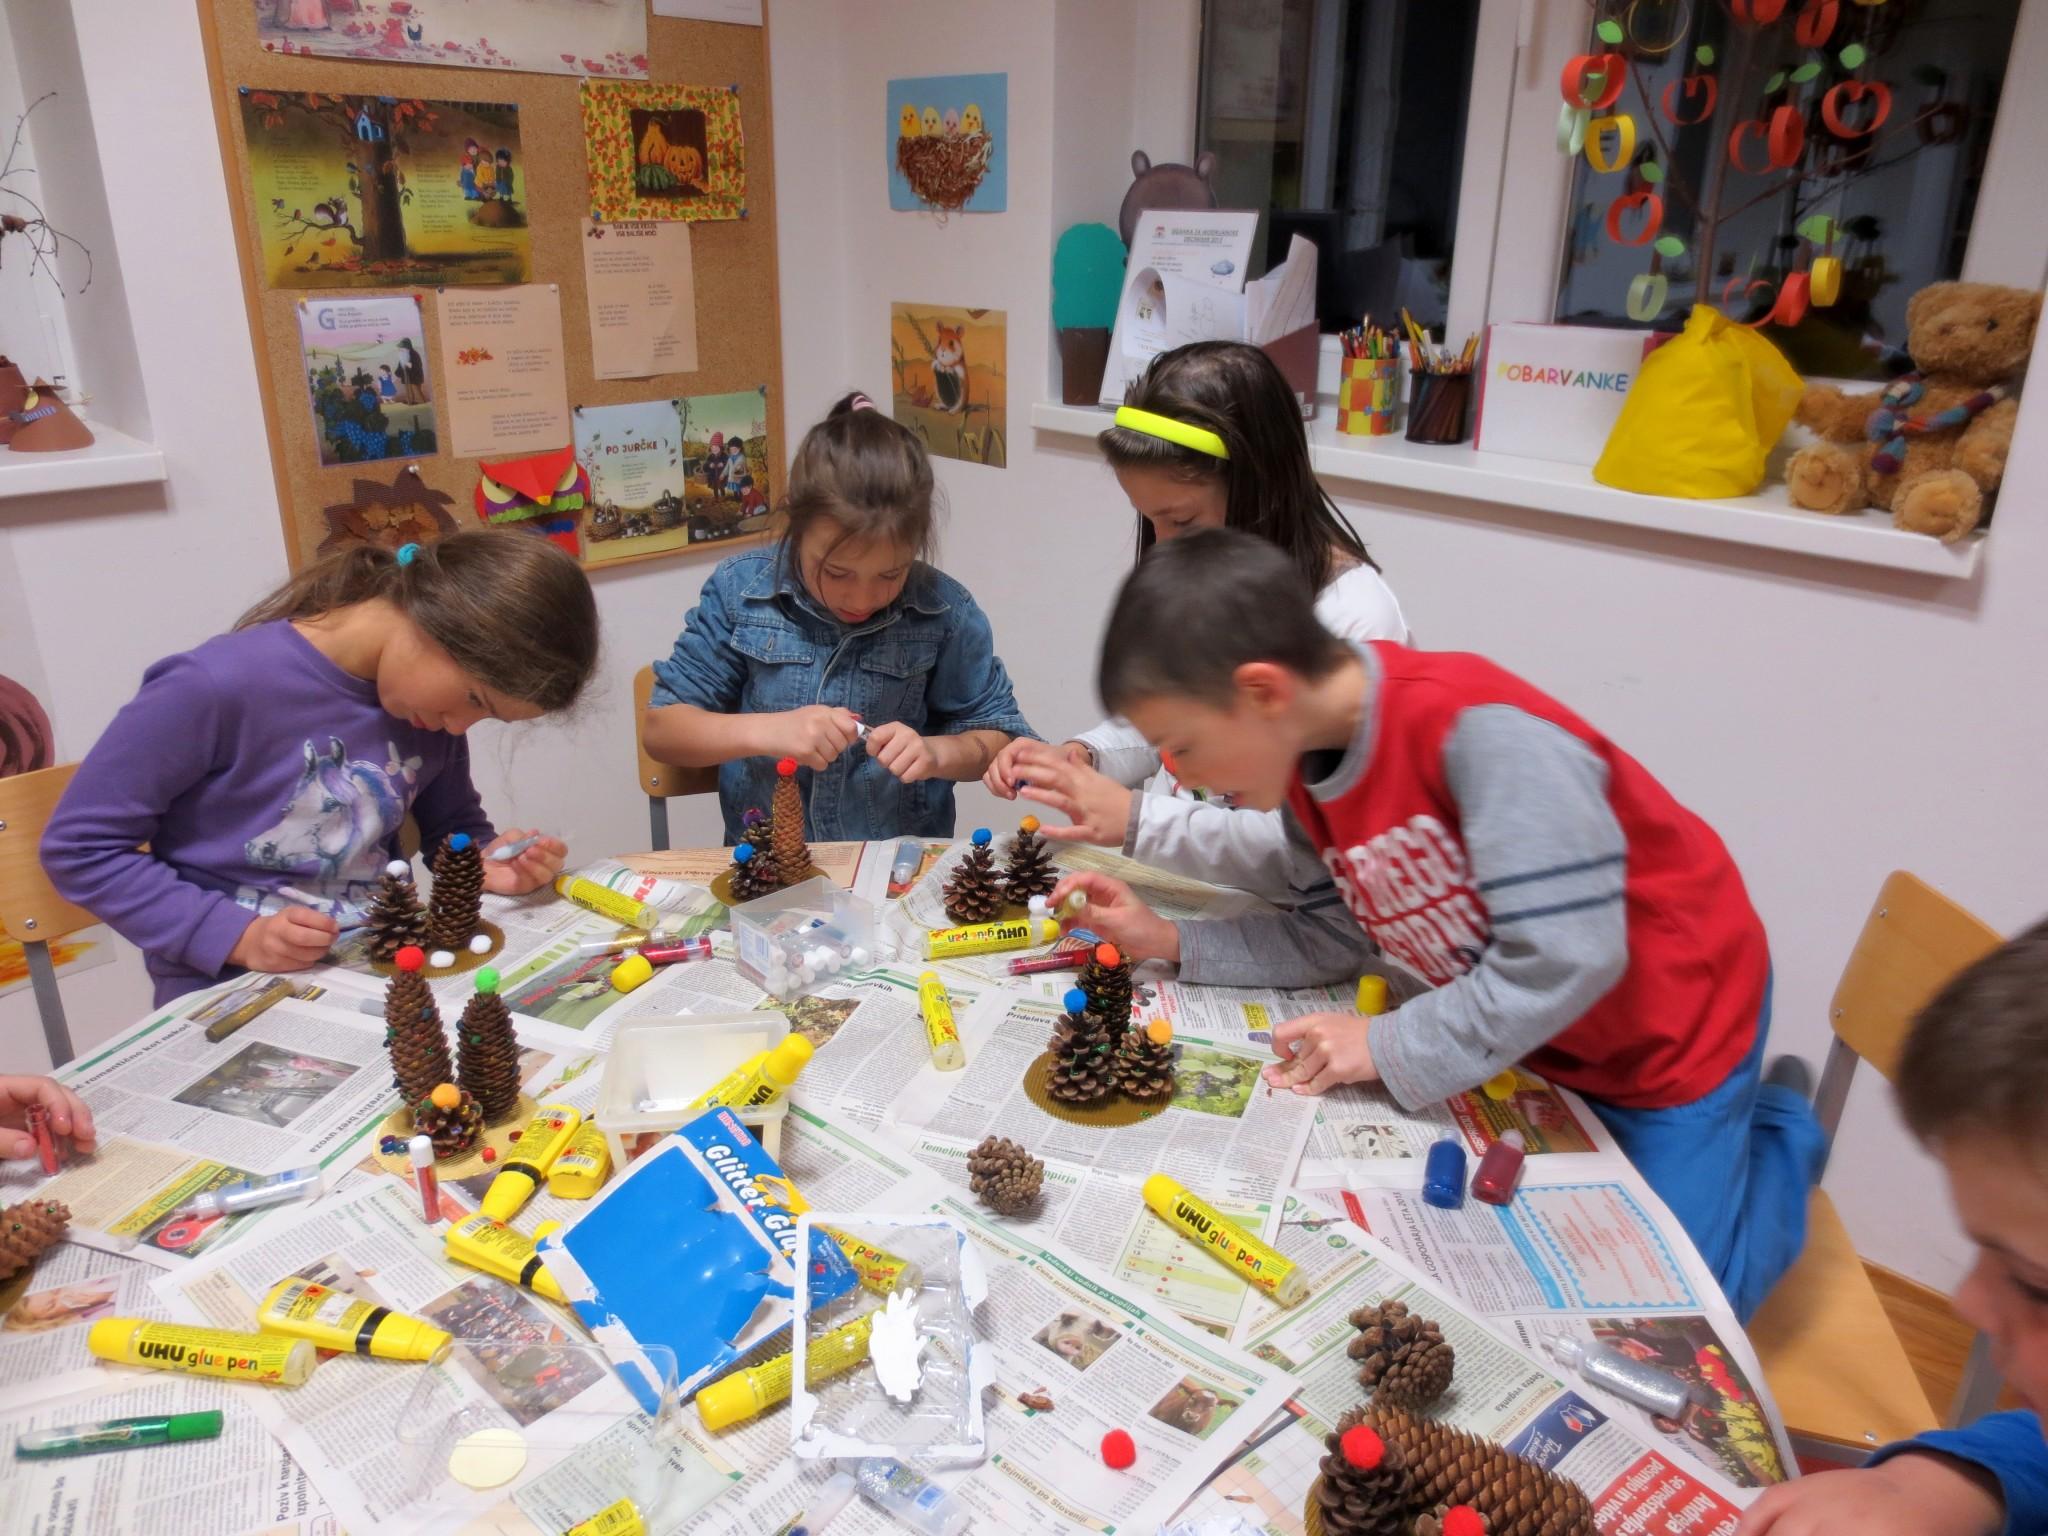 IMG 3209 - Pravljična ura in ustvarjalna delavnica za otroke od 4. leta dalje